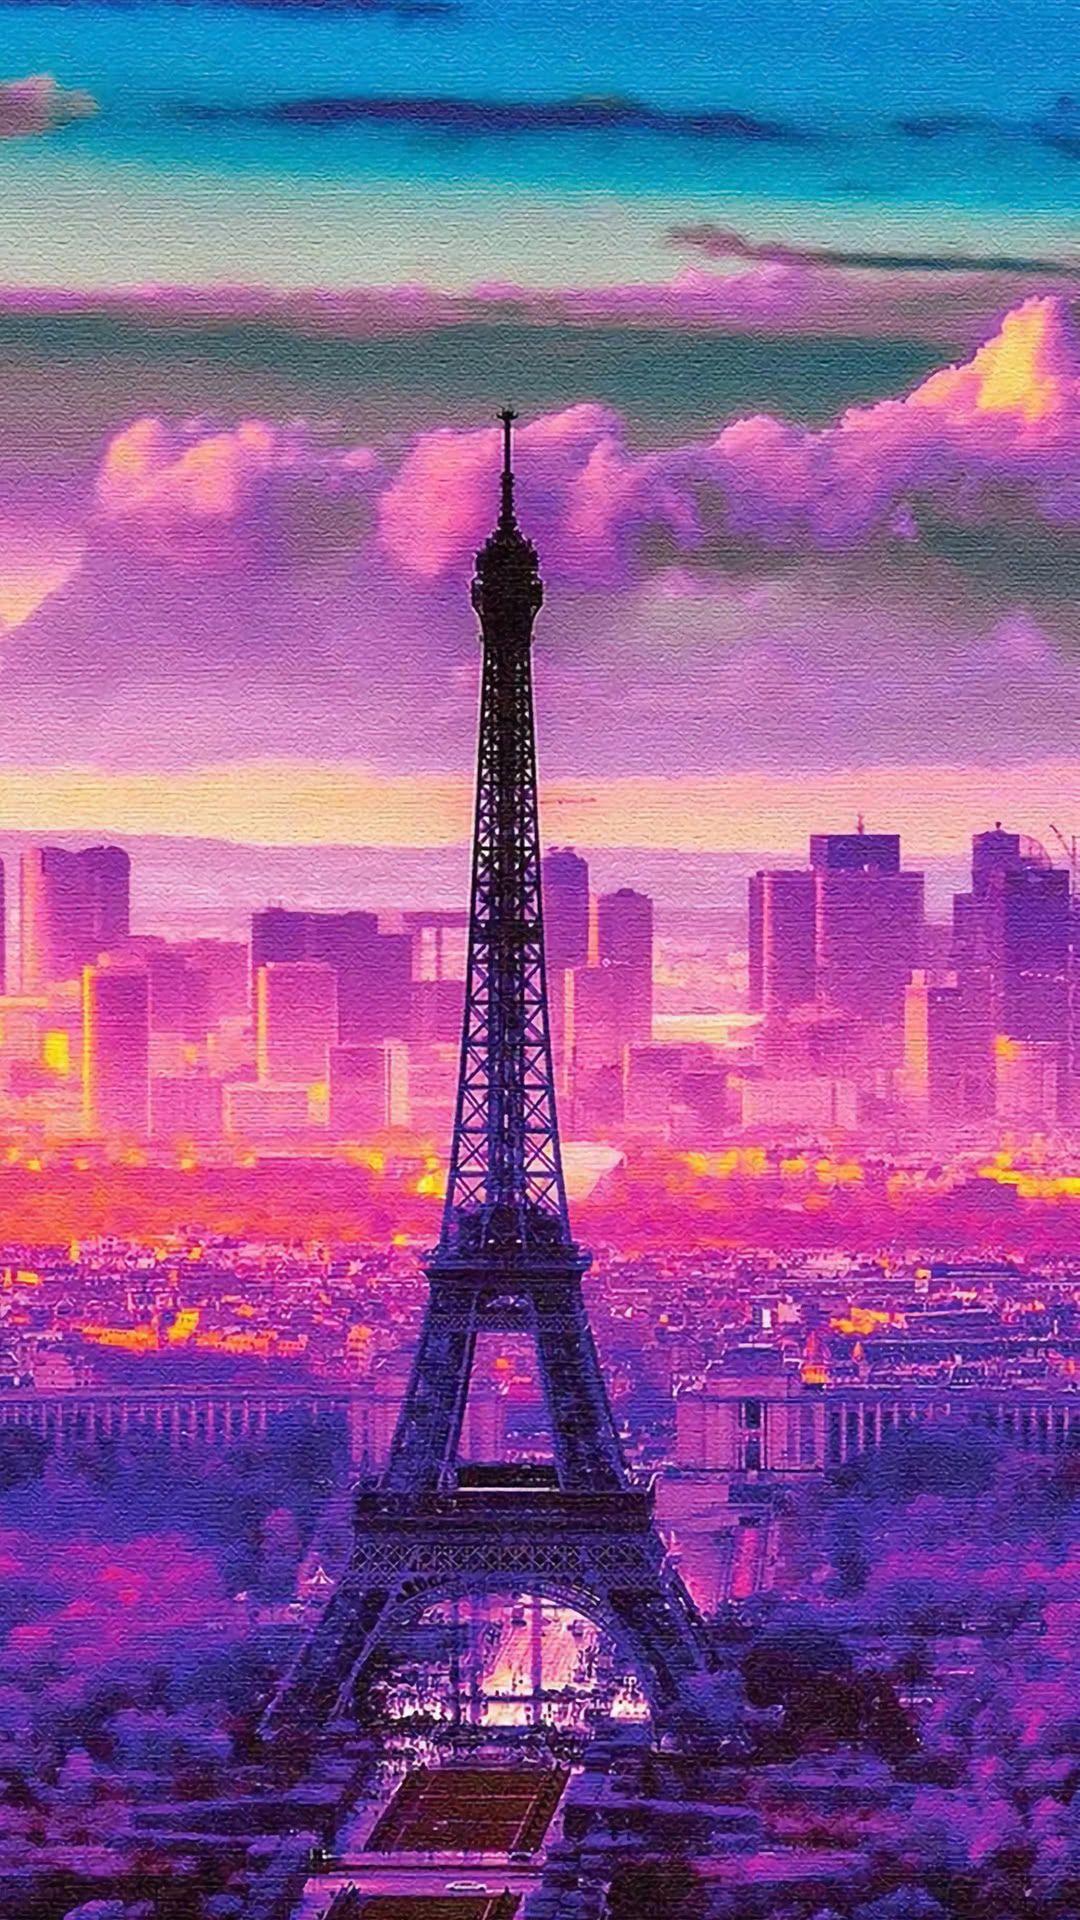 エッフェル塔のイラスト Iphonex スマホ壁紙 待受画像ギャラリー エッフェル塔 風景 ファンタジーな風景